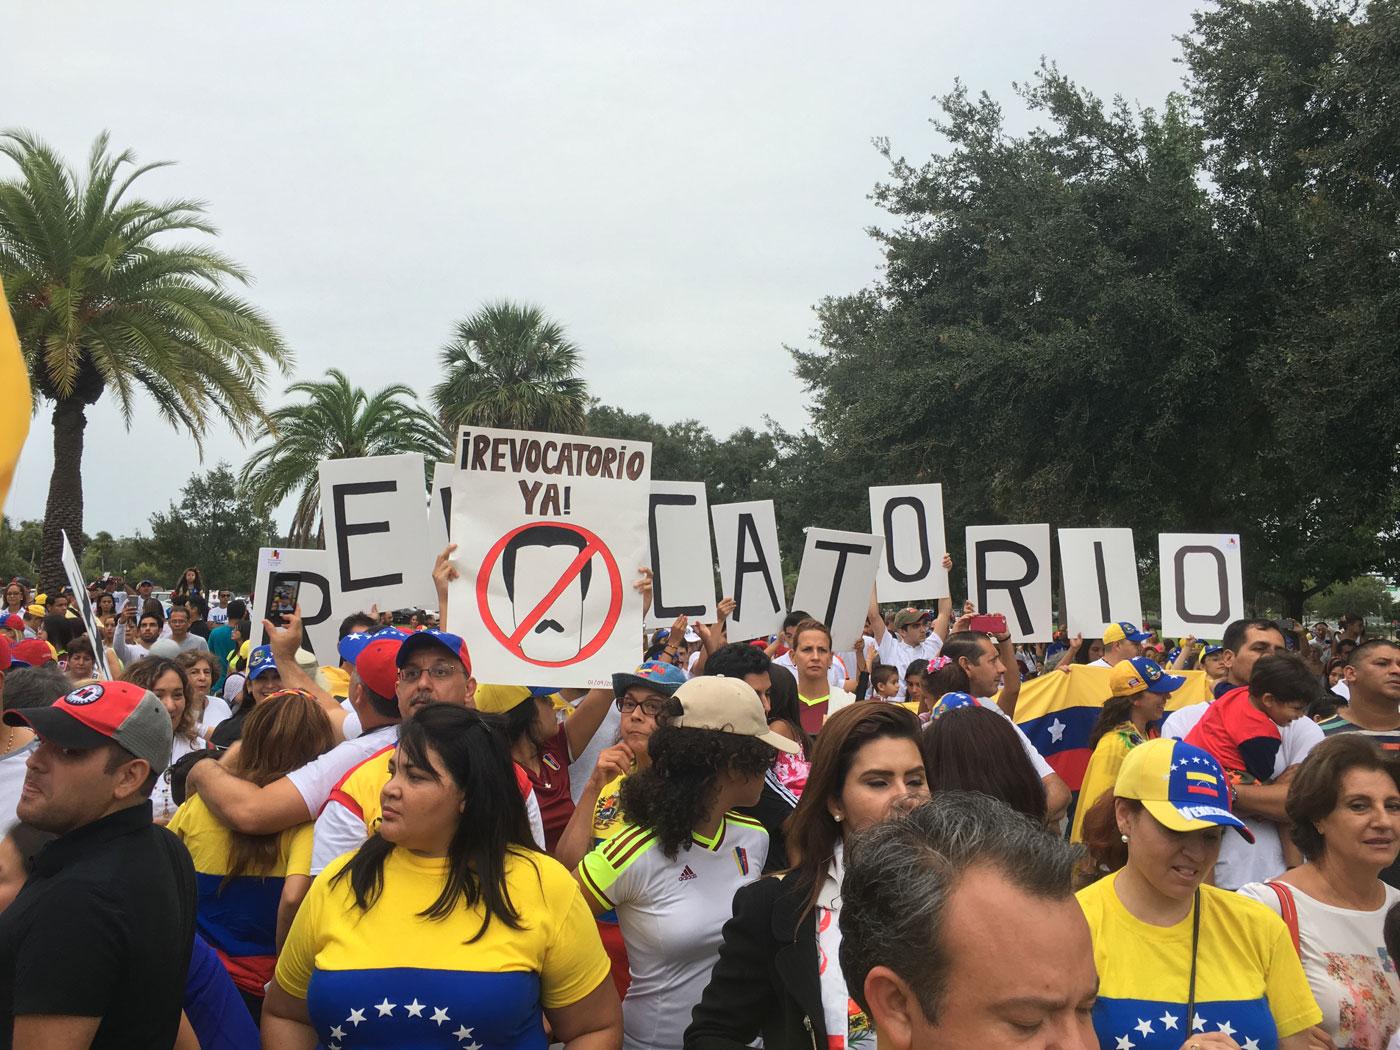 Las manifestaciones de venezolanos en el exterior tienen for Venezolanos en el exterior